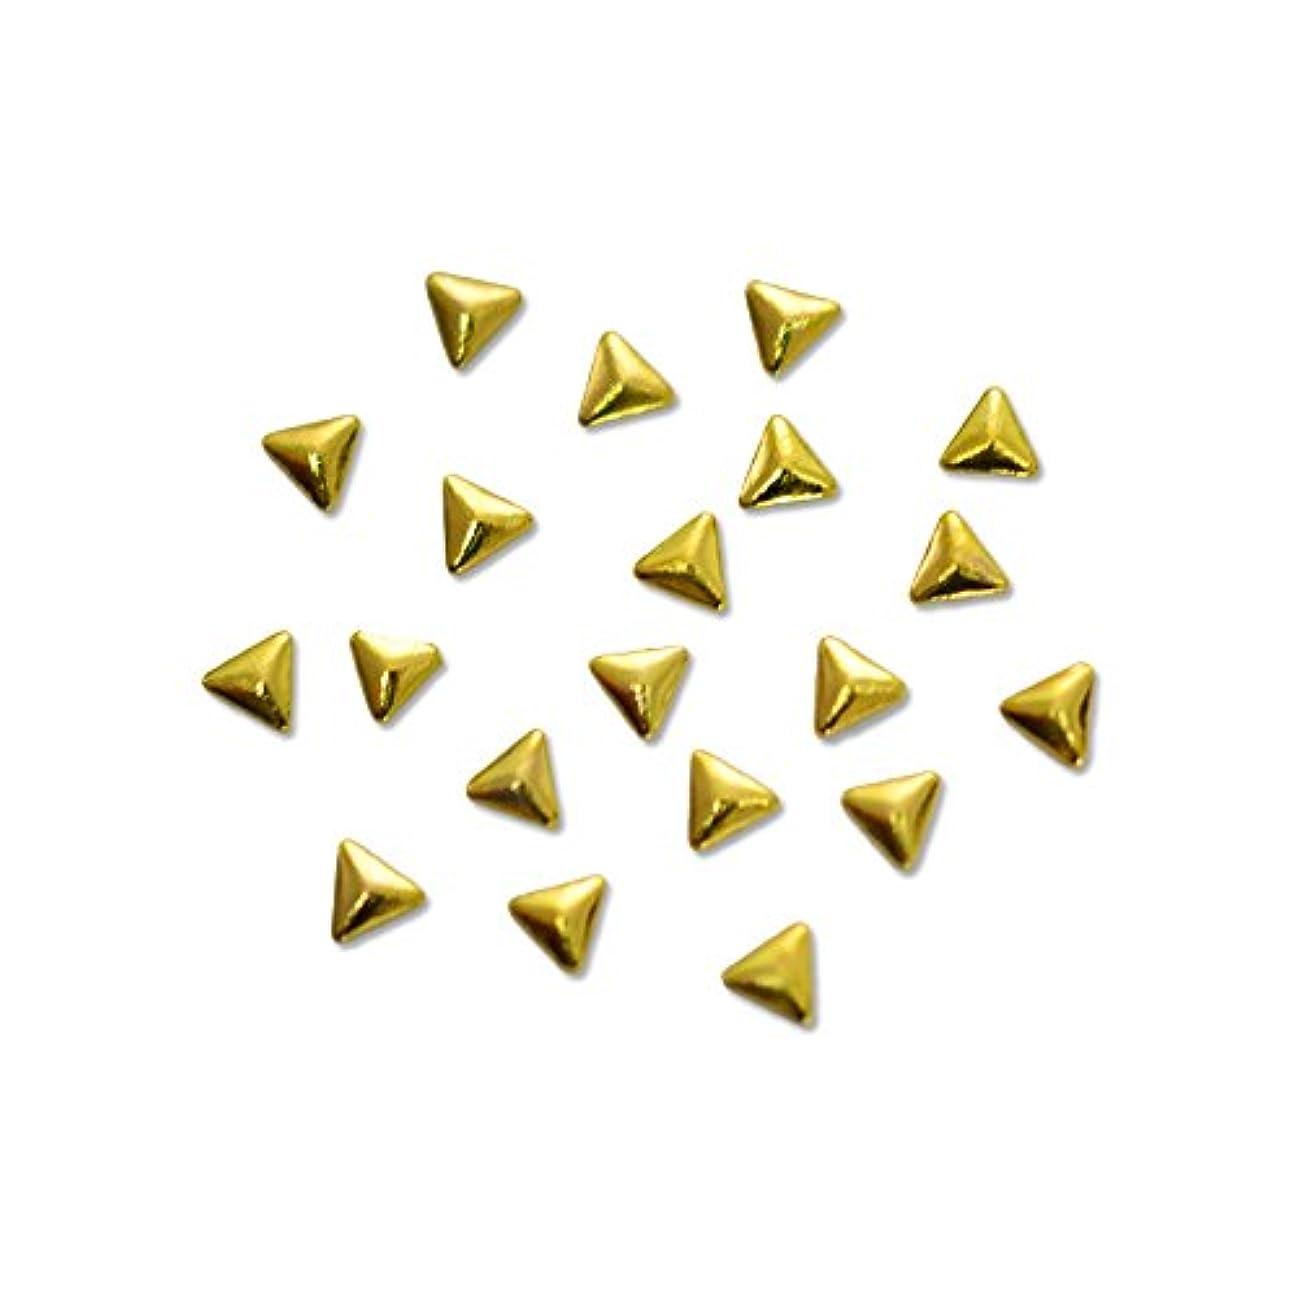 寺院回復聴衆メタルスタッズ トライアングル 2mm ゴールド 20pic/小さい三角形のメタルパーツ